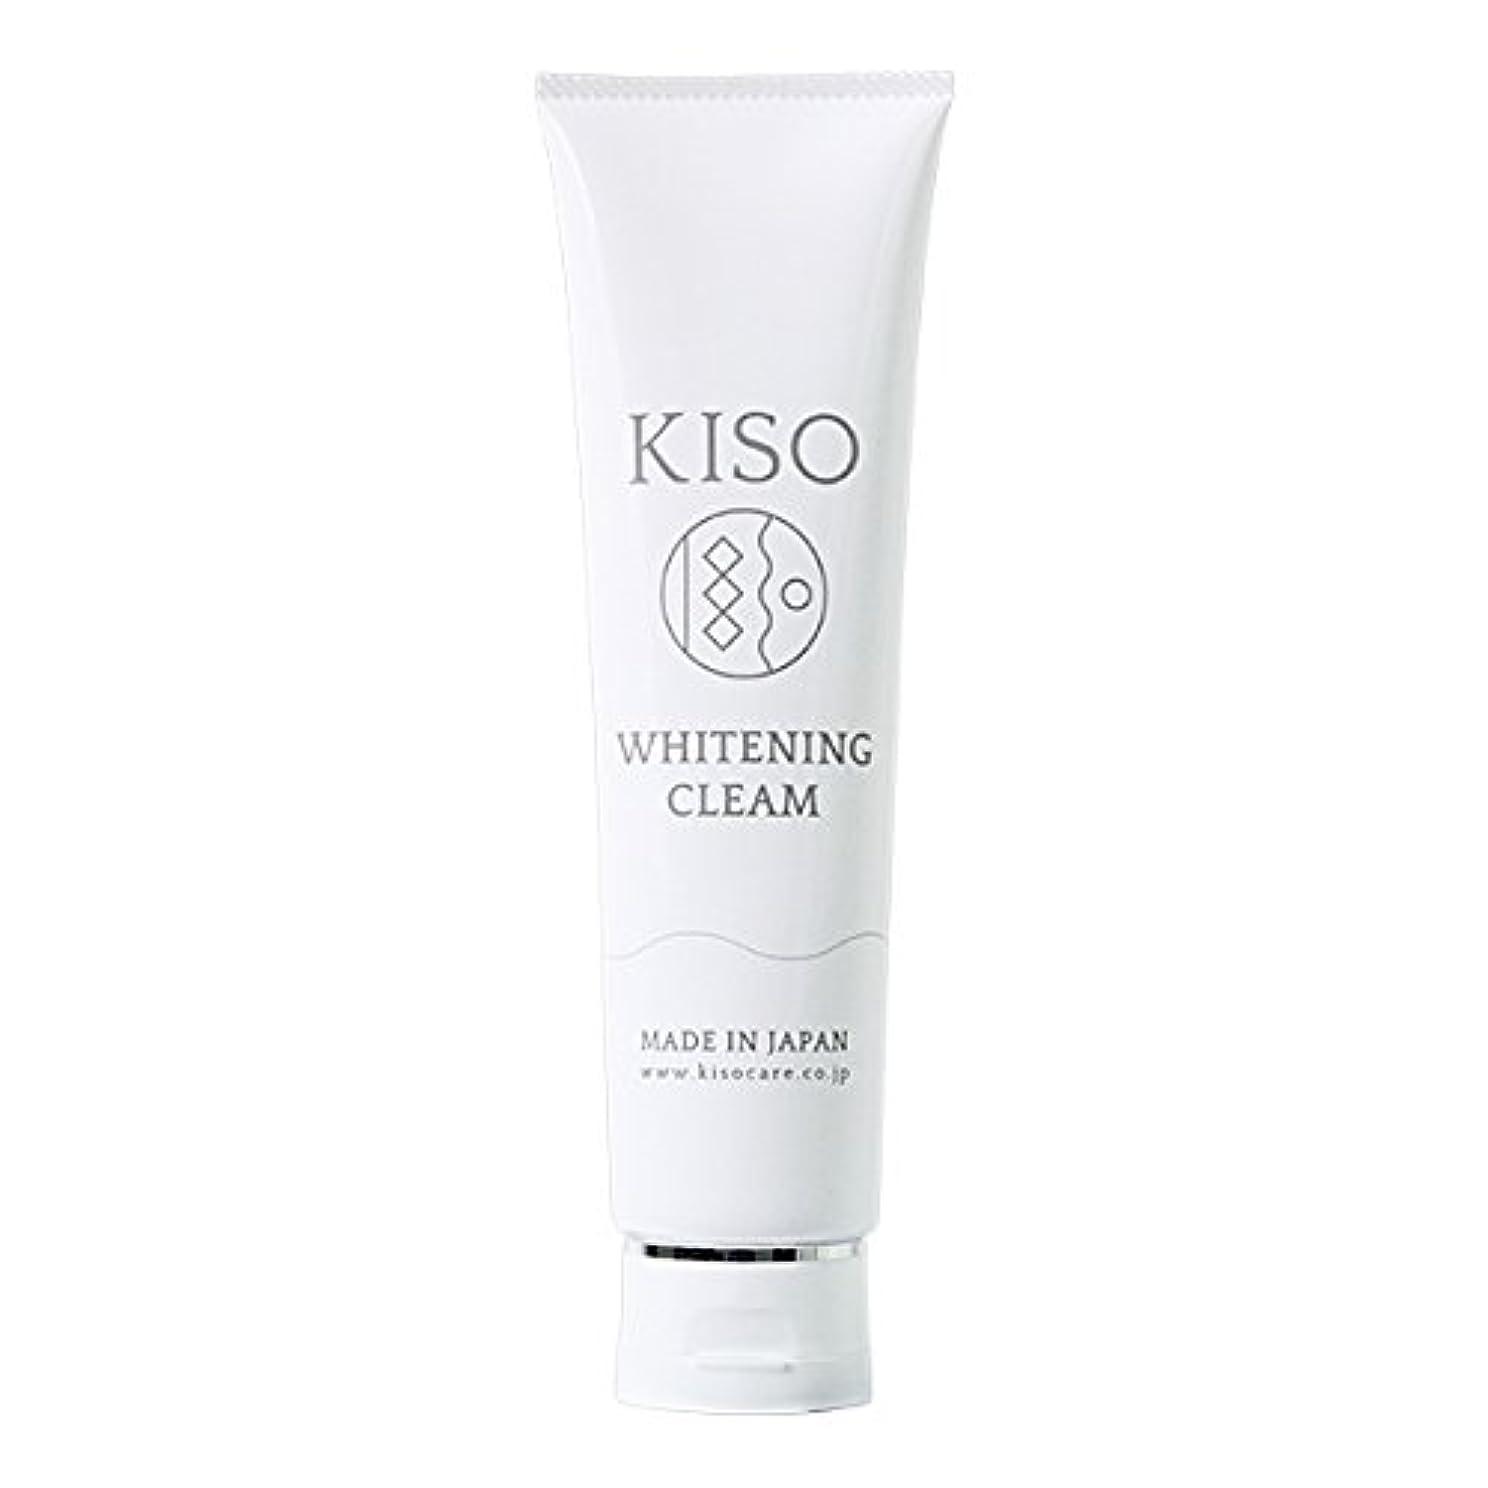 トレードささいなレーニン主義【KISO 薬用 ホワイトニング クリーム 150g】 【医薬部外品】トラネキサム酸2%配合クリーム。